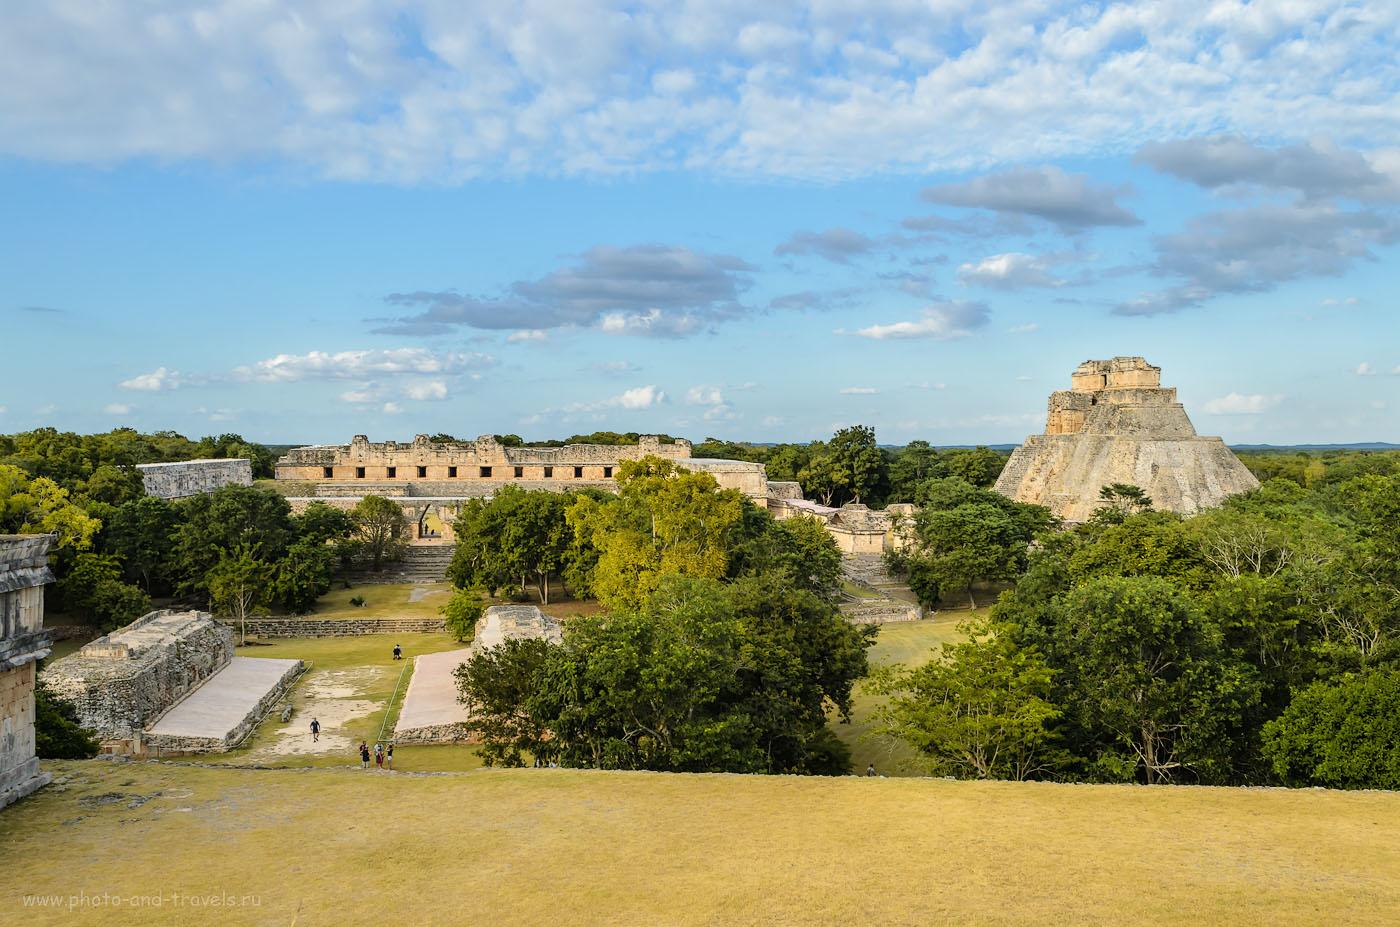 Фотография 4. Пирамиды индейцев Майя в старинном городе Ушмаль (Uxmal). Во время отдыха в Мексике можно съездить на экскурсию к нескольким индейским городам. Ушмаль - одно из самых интересных мест. 1/125, 11, 22, 200.